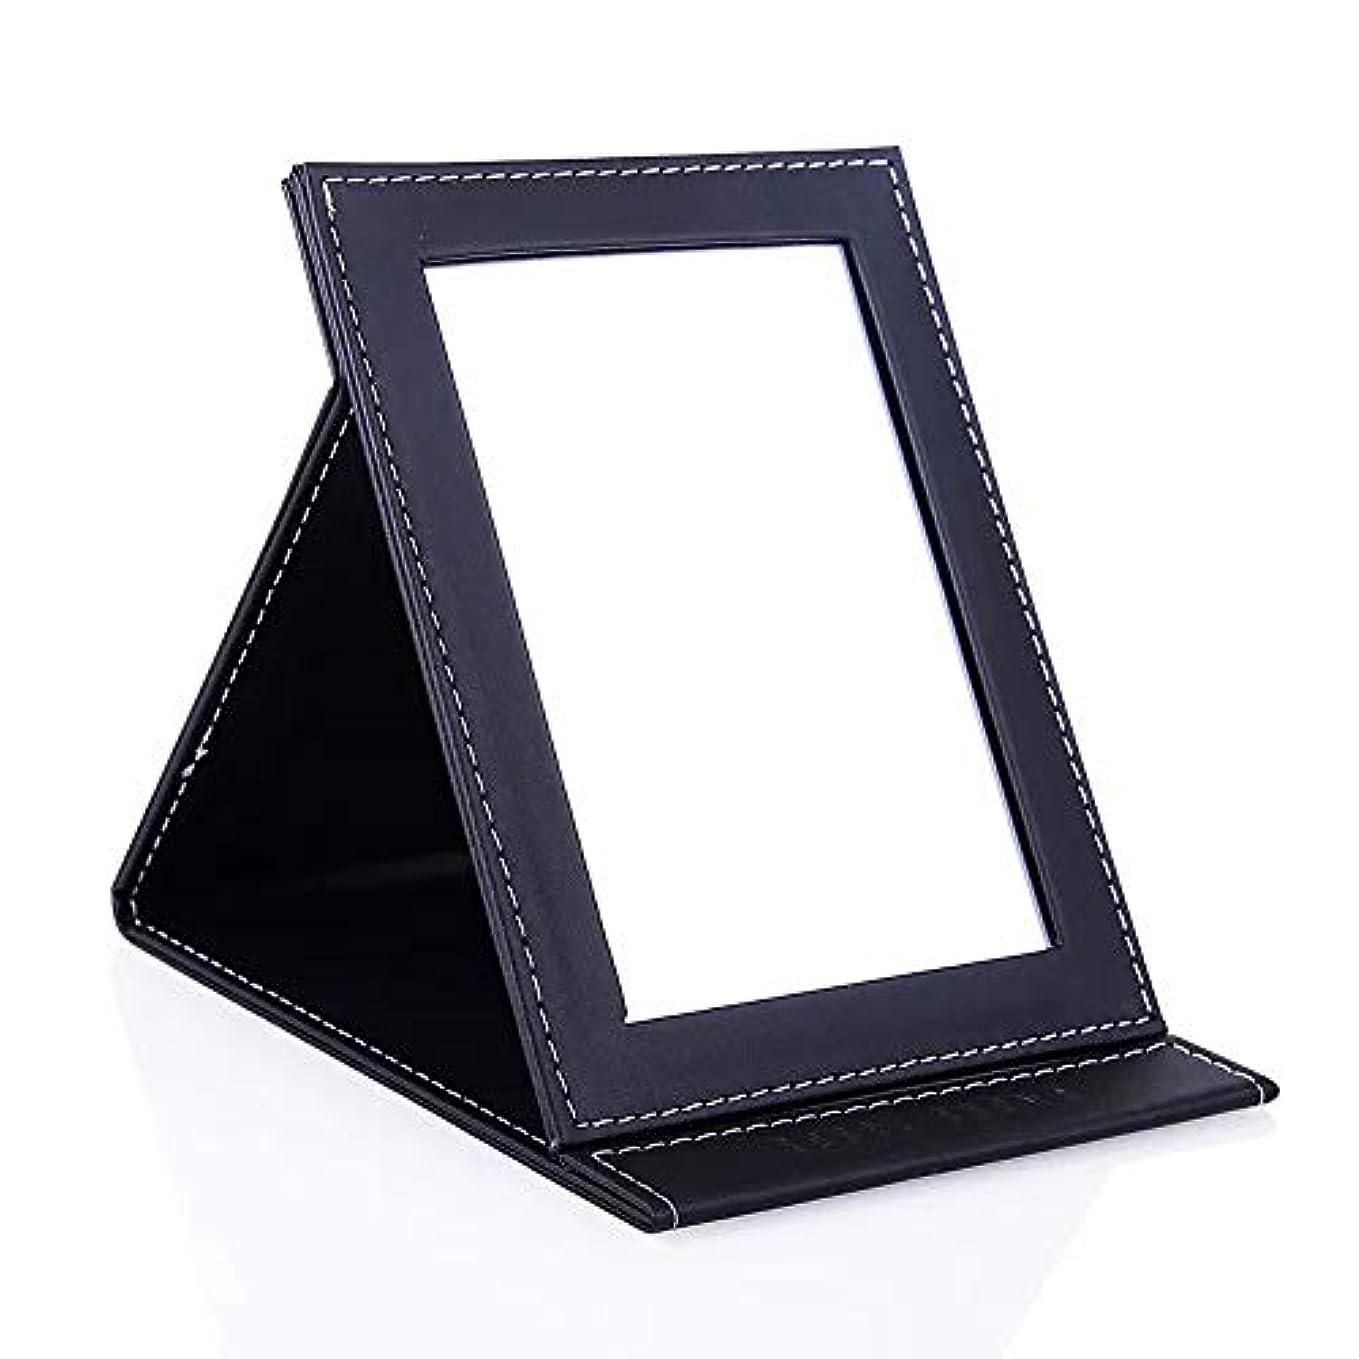 コミットメント根拠望ましいMiaoma 化粧鏡 手鏡 折りたたみ式 卓上スタンドミラ ー PUレザー 持ち運び便利 収納 L …